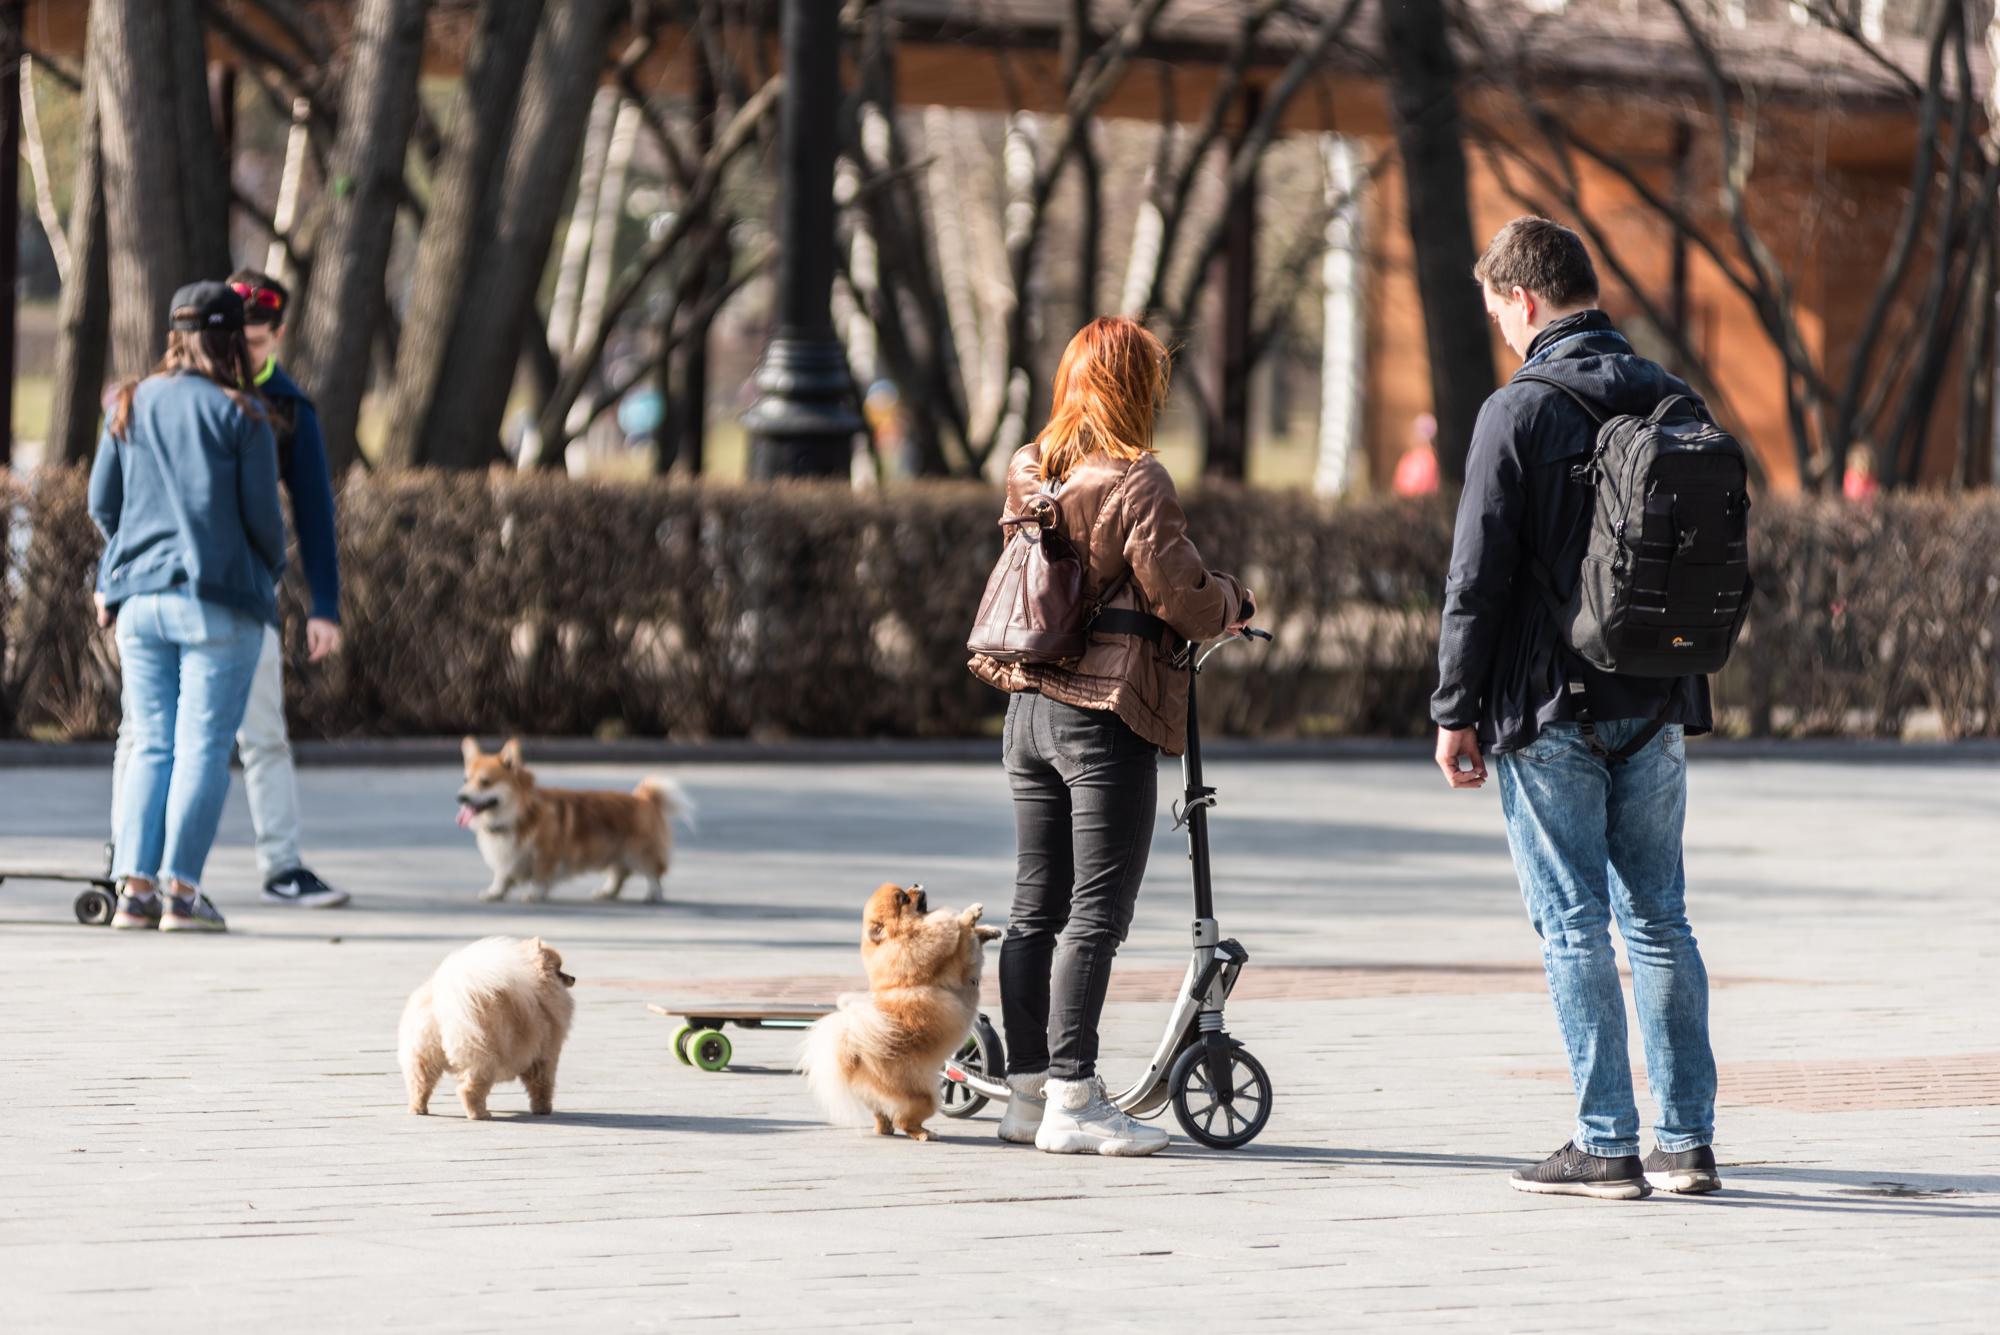 Прогулка с собаками во время эпидемии